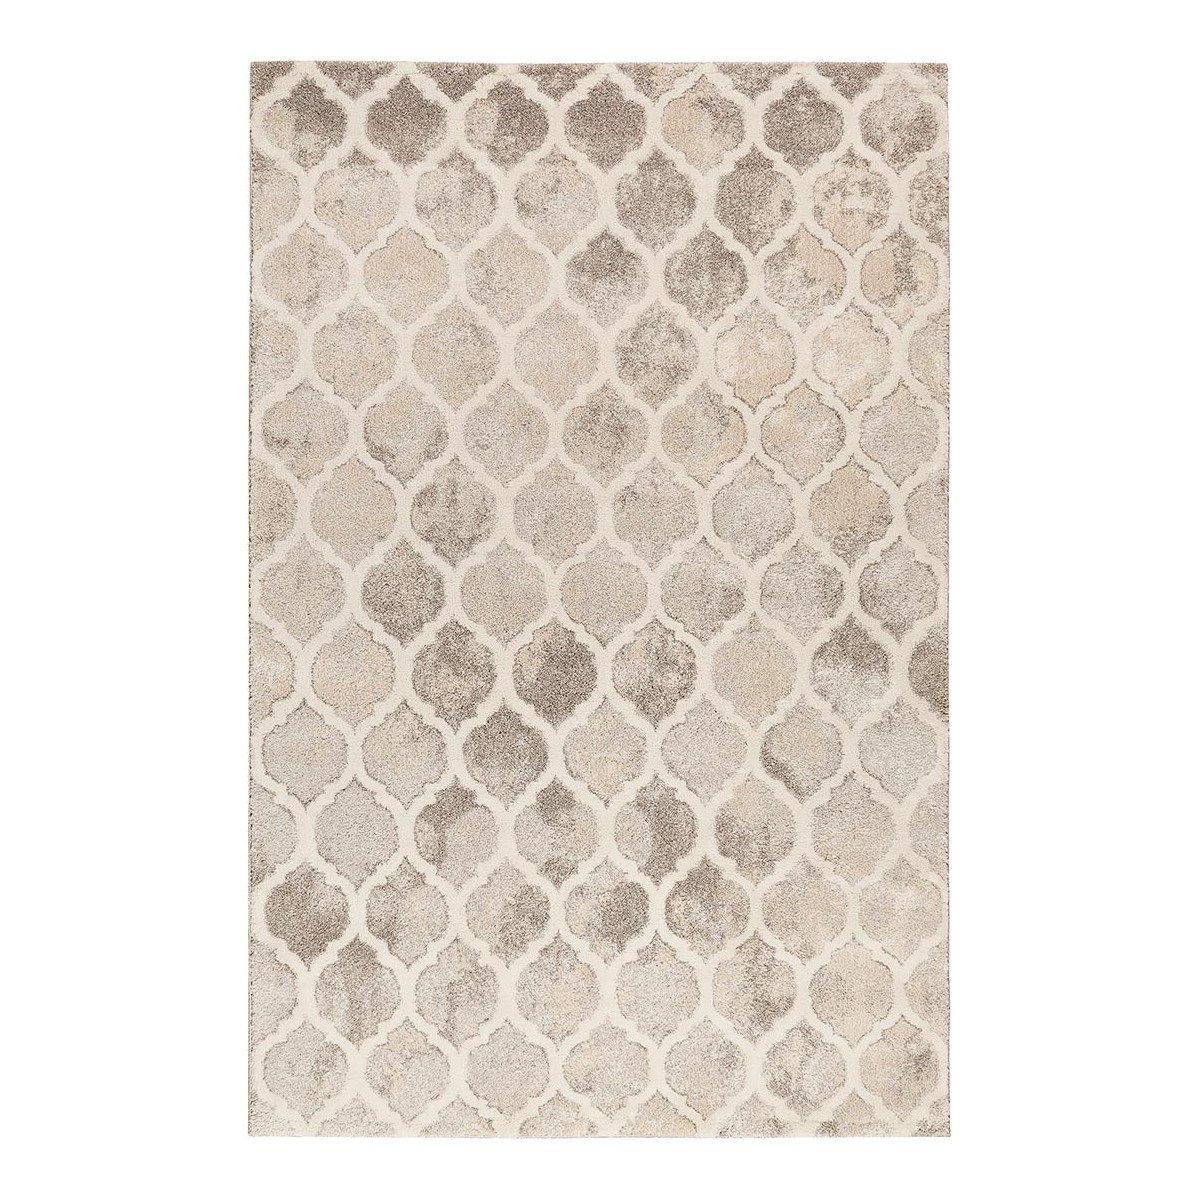 Tapis géométrique design en polypropylène gris 160x225